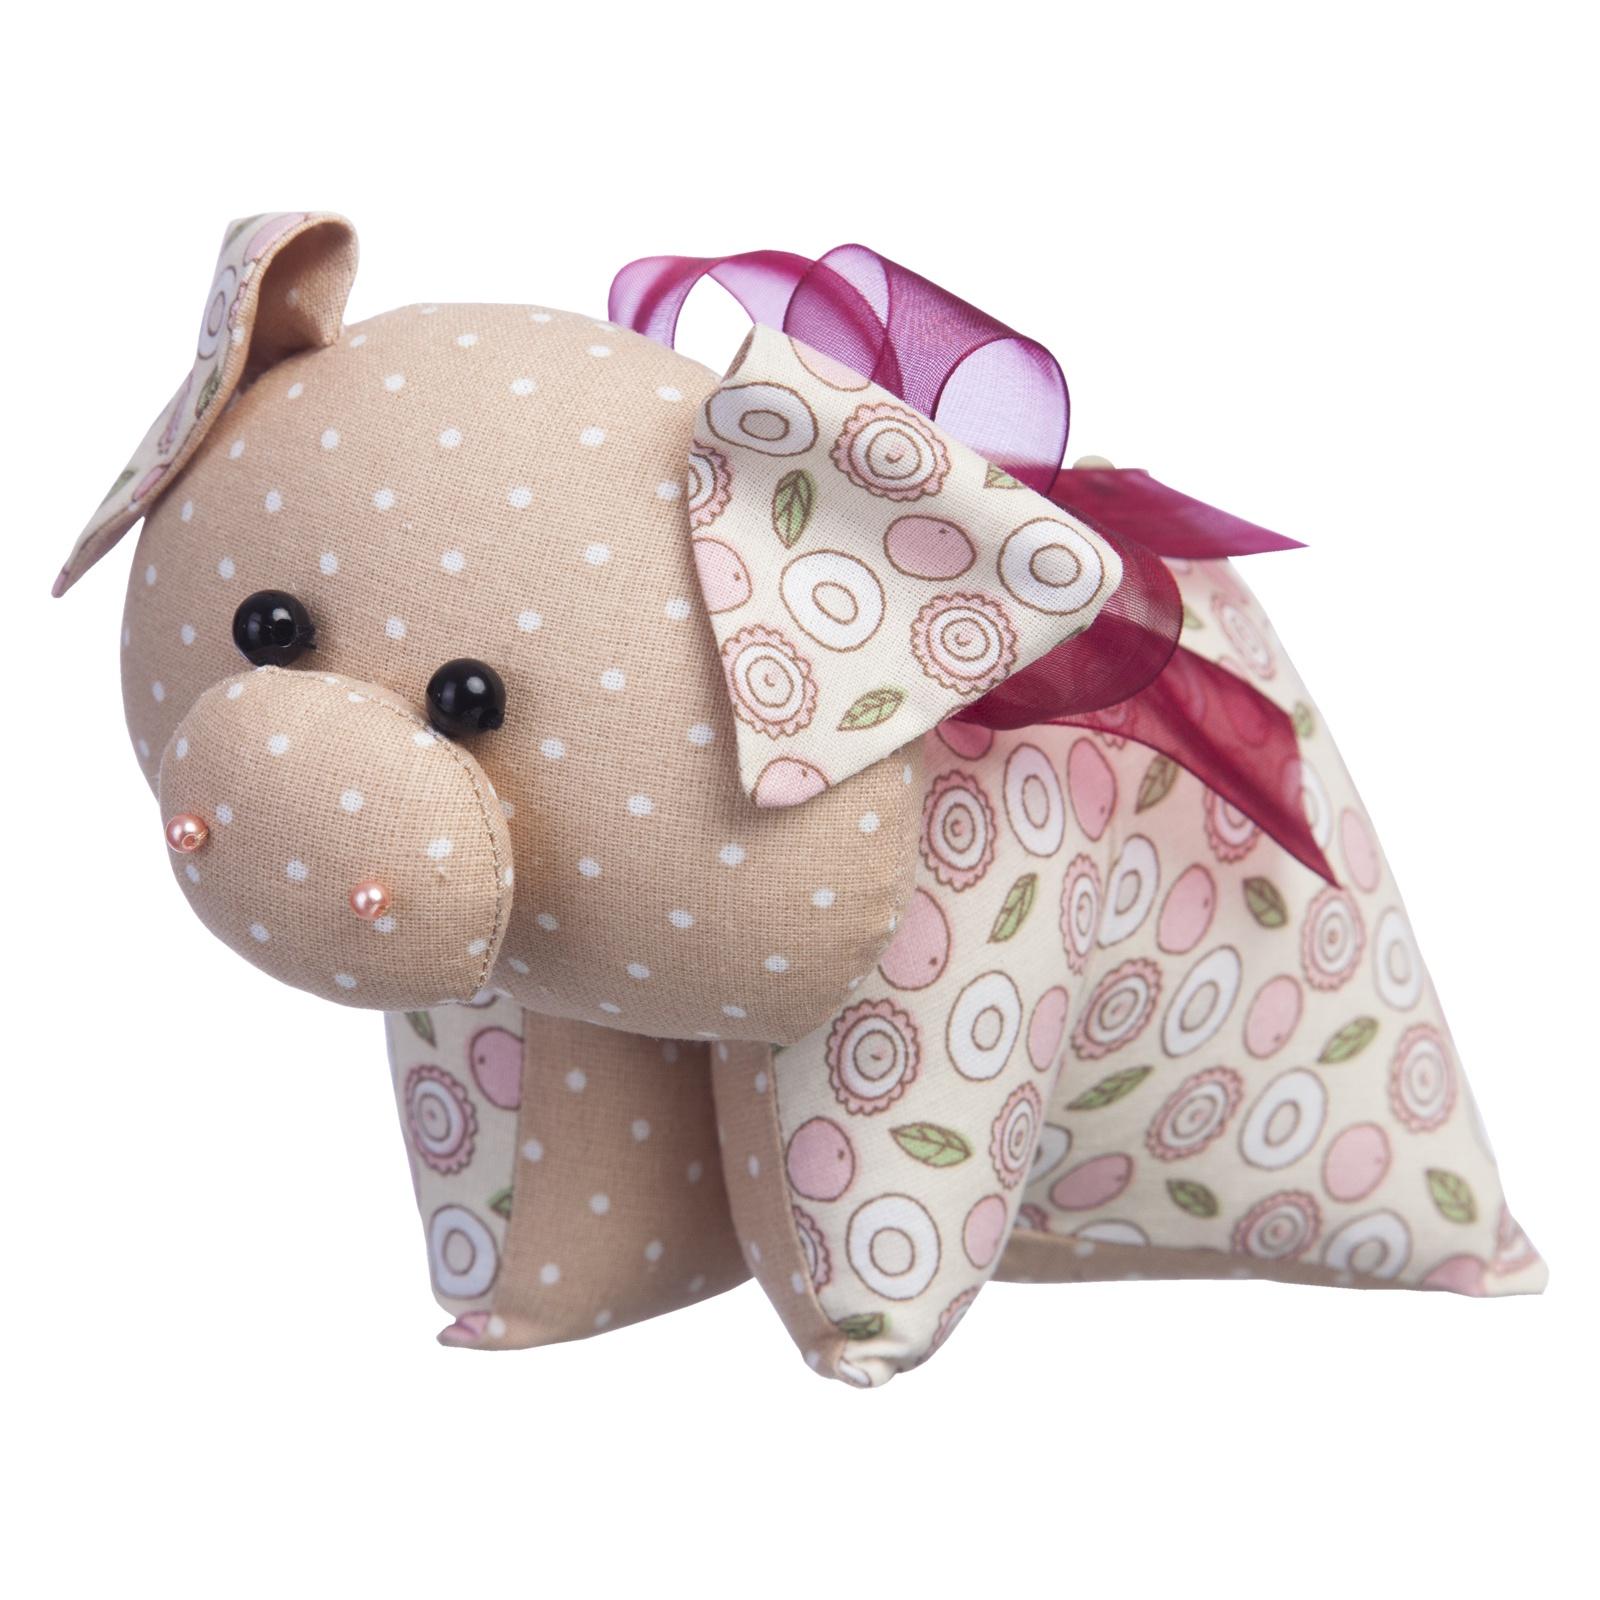 Набор для изготовления игрушки Малиновый Слон Поросёнок БантикТК-035Игрушки, сделанные своими руками, - забавные, смешные, добрые и необыкновенно обаятельные. Они дарят тепло и вызывают улыбку. С помощью набора Малиновый Слон «Поросёнок Бантик» вы самостоятельно создадите оригинальную игрушку со своим характером и историей, ведь каждая игрушка получается уникальной, даже если она сшита по готовому набору.Наш Бантик еще совсем маленький. И как все малыши очень любознательный. Бантику интересно все. Зачем козлику нужны рожки? Почему у кота такой длинный хвост? Но больше всего он хочет узнать, почему у птички вместо пятачка клюв.Сшить игрушку совсем несложно, для этого не требуются специальные навыки, а наш набор с подробной инструкцией по шитью и качественными комплектующими сделает процесс изготовления игрушки удобным и приятным.В набор входят: ткань (100% хлопок), бусины, тесьма, лента декоративная, выкройка, подробная инструкция.Дополнительно потребуется наполнитель – синтепух (около 70г).Длина готовой игрушки: 17 см.Уровень сложности: 2 из 5.Добро пожаловать в волшебный мир рукоделия!